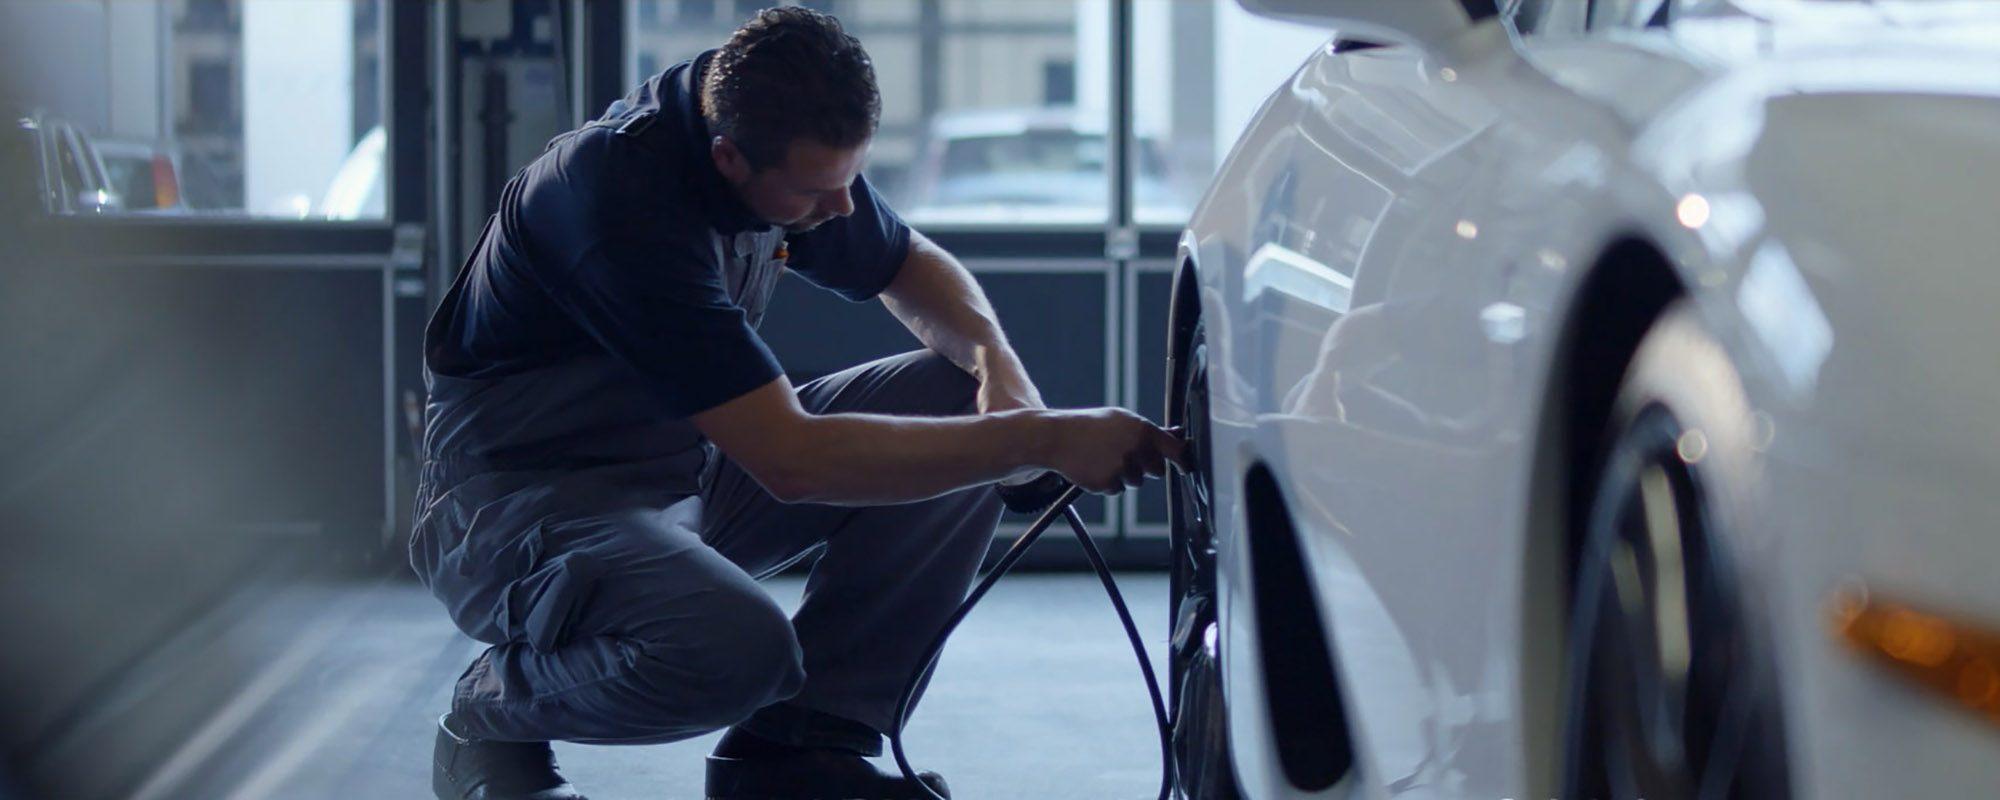 Rijders Lexus meest loyaal aan eigen dealer